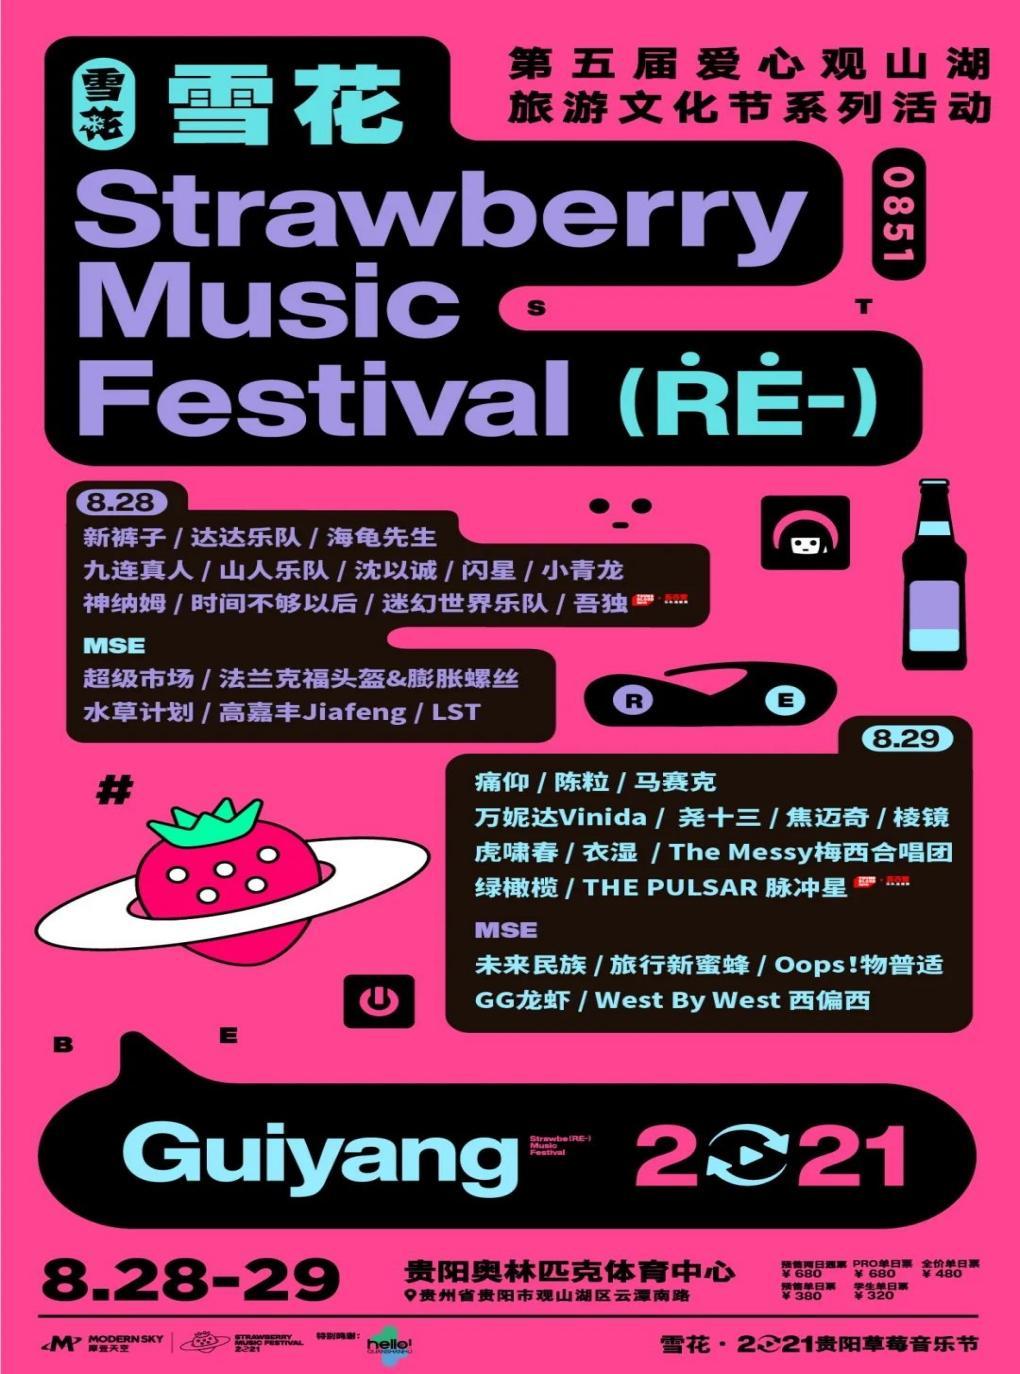 【贵阳】2021贵阳草莓音乐节[新裤子/痛仰/陈粒/达达]【电子票】